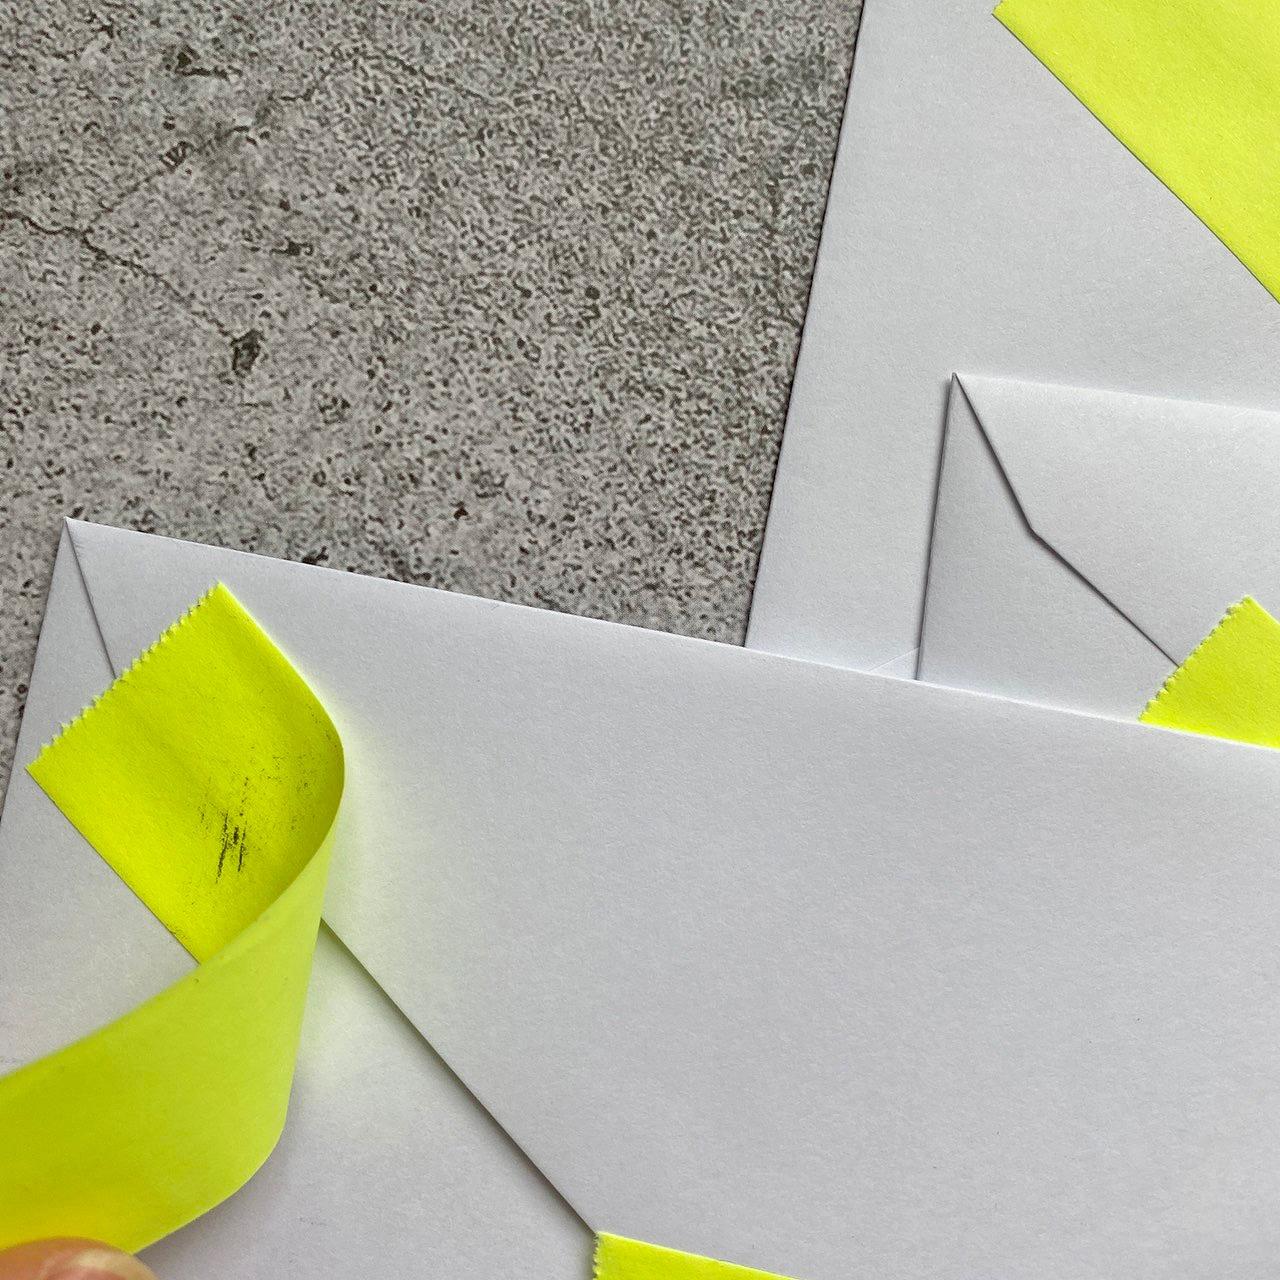 封筒の印刷インク汚れを防ぐ方法